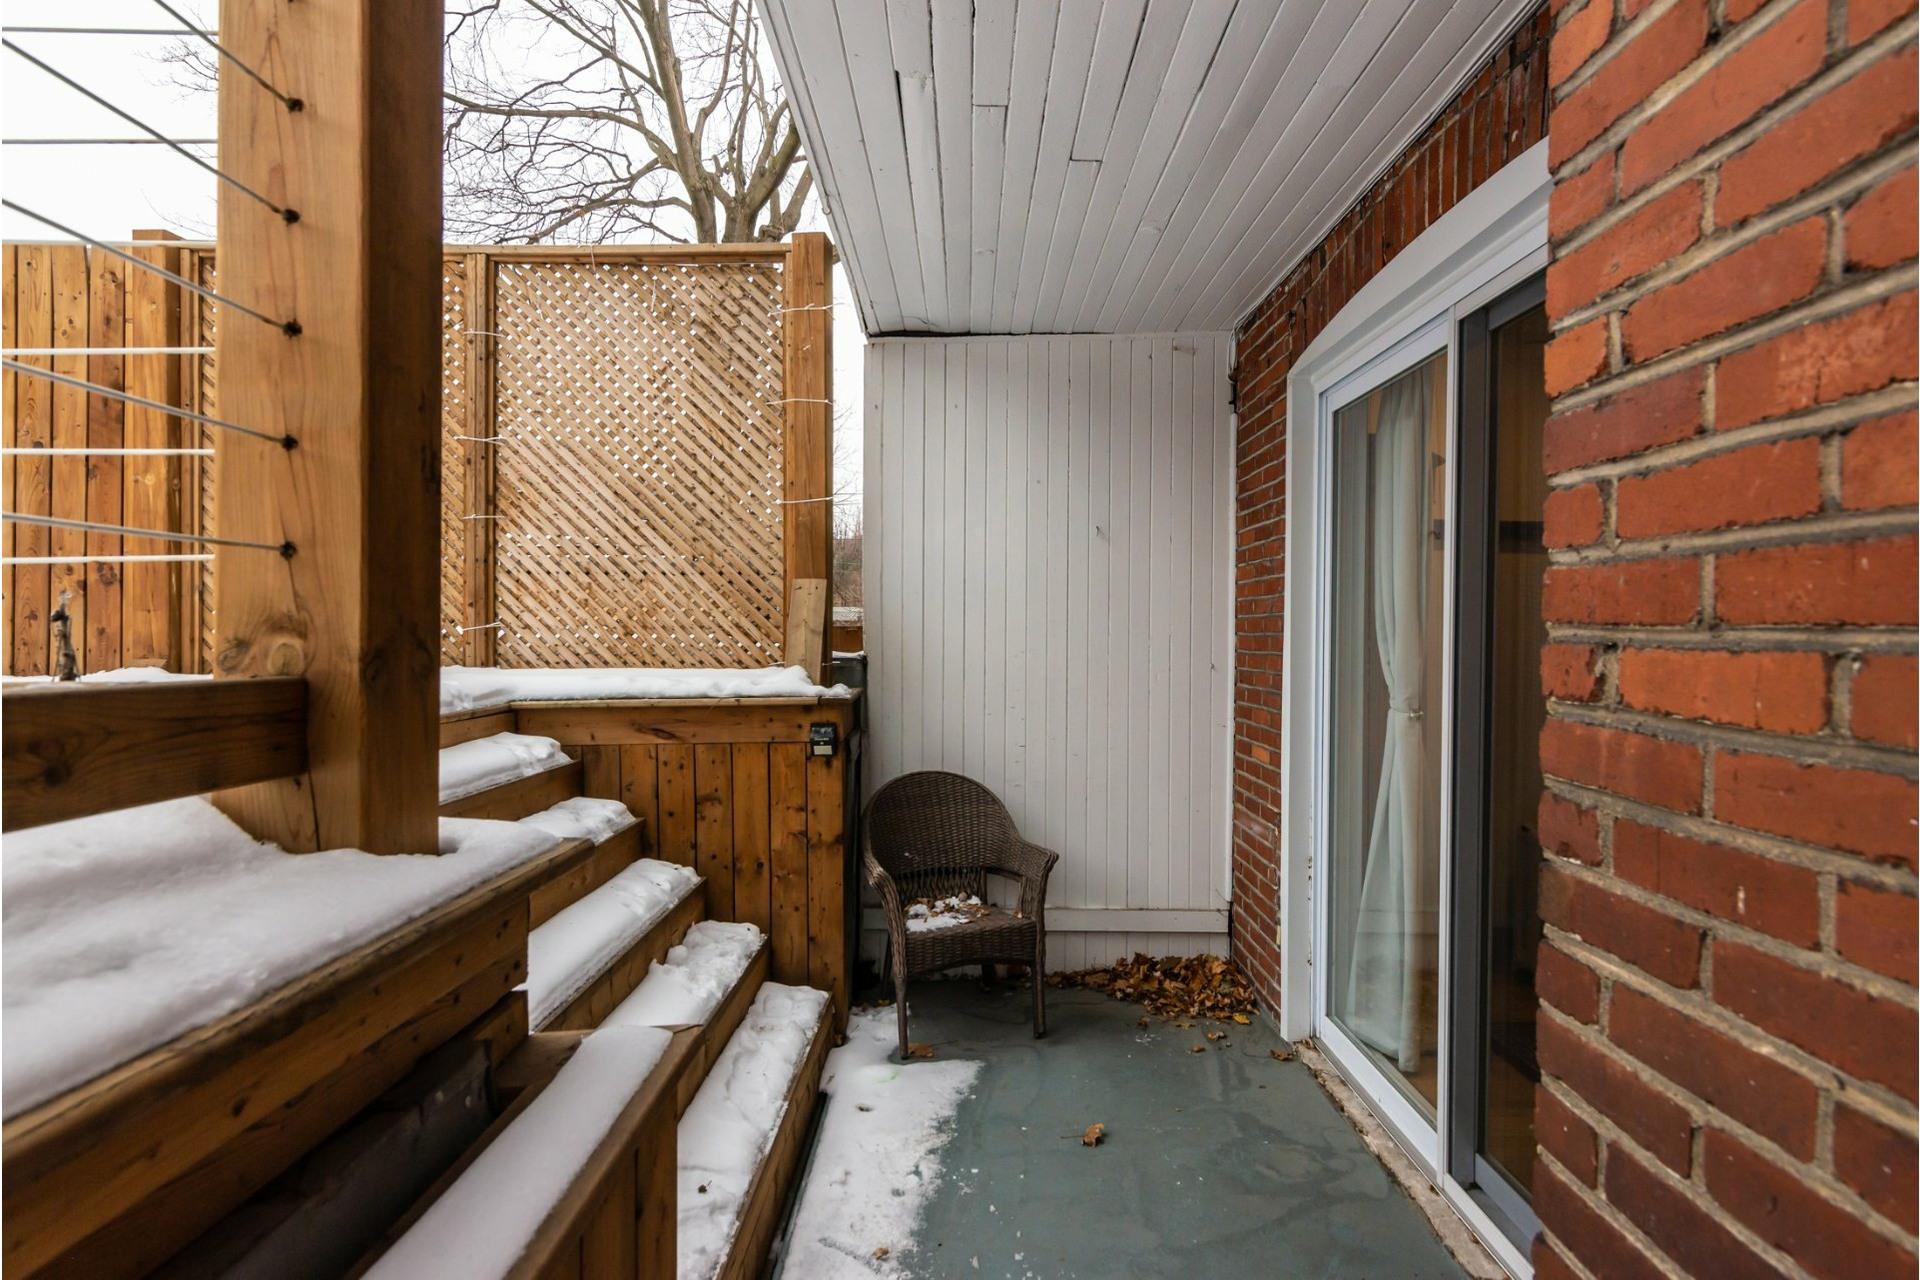 image 31 - Apartment For sale Côte-des-Neiges/Notre-Dame-de-Grâce Montréal  - 9 rooms